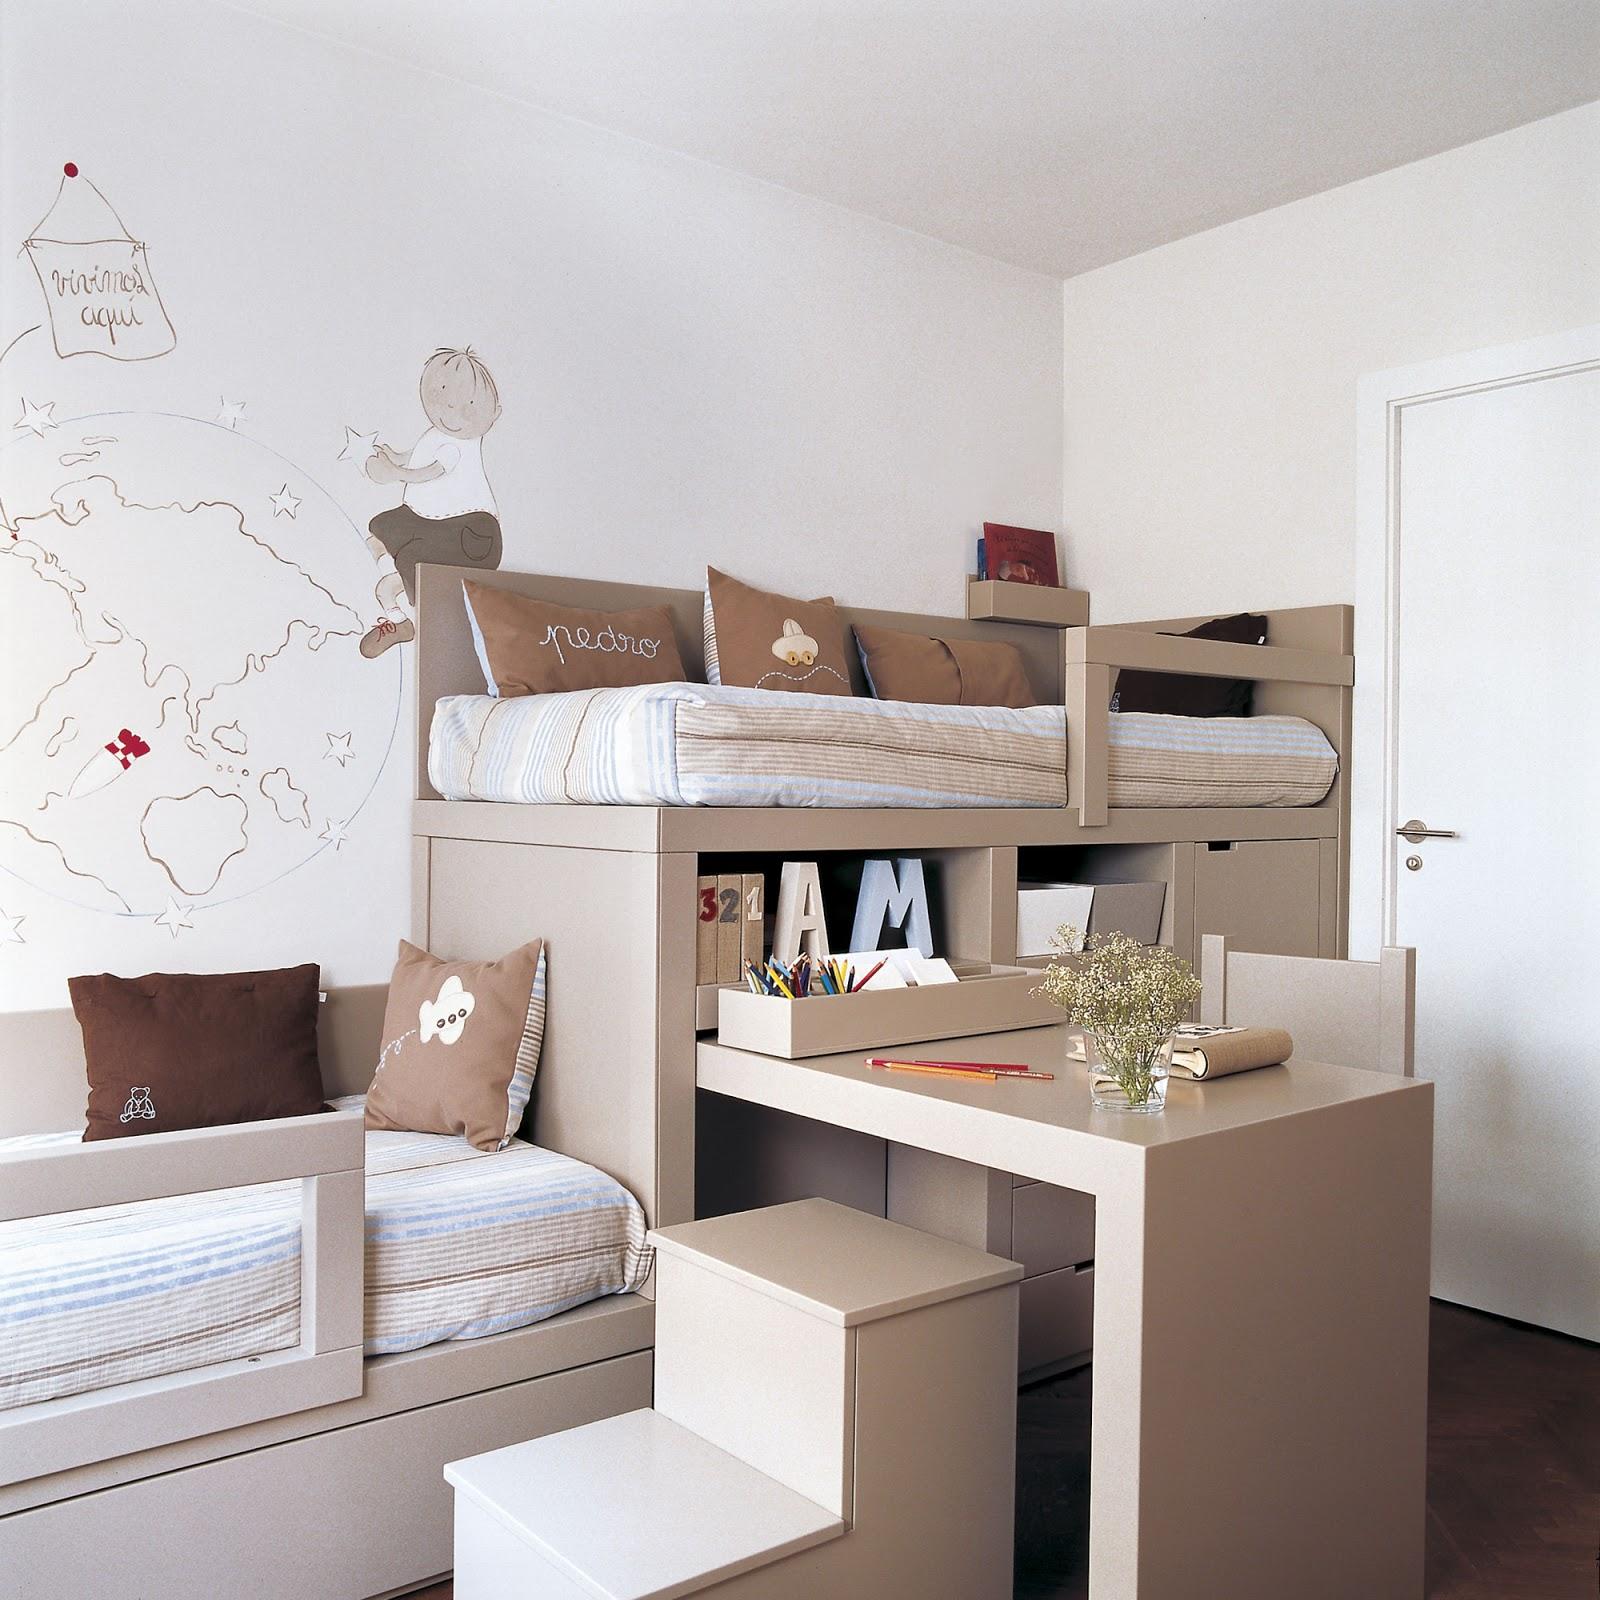 Hogar diez c mo amueblar una habitaci n infantil compartida for Programa amueblar habitacion